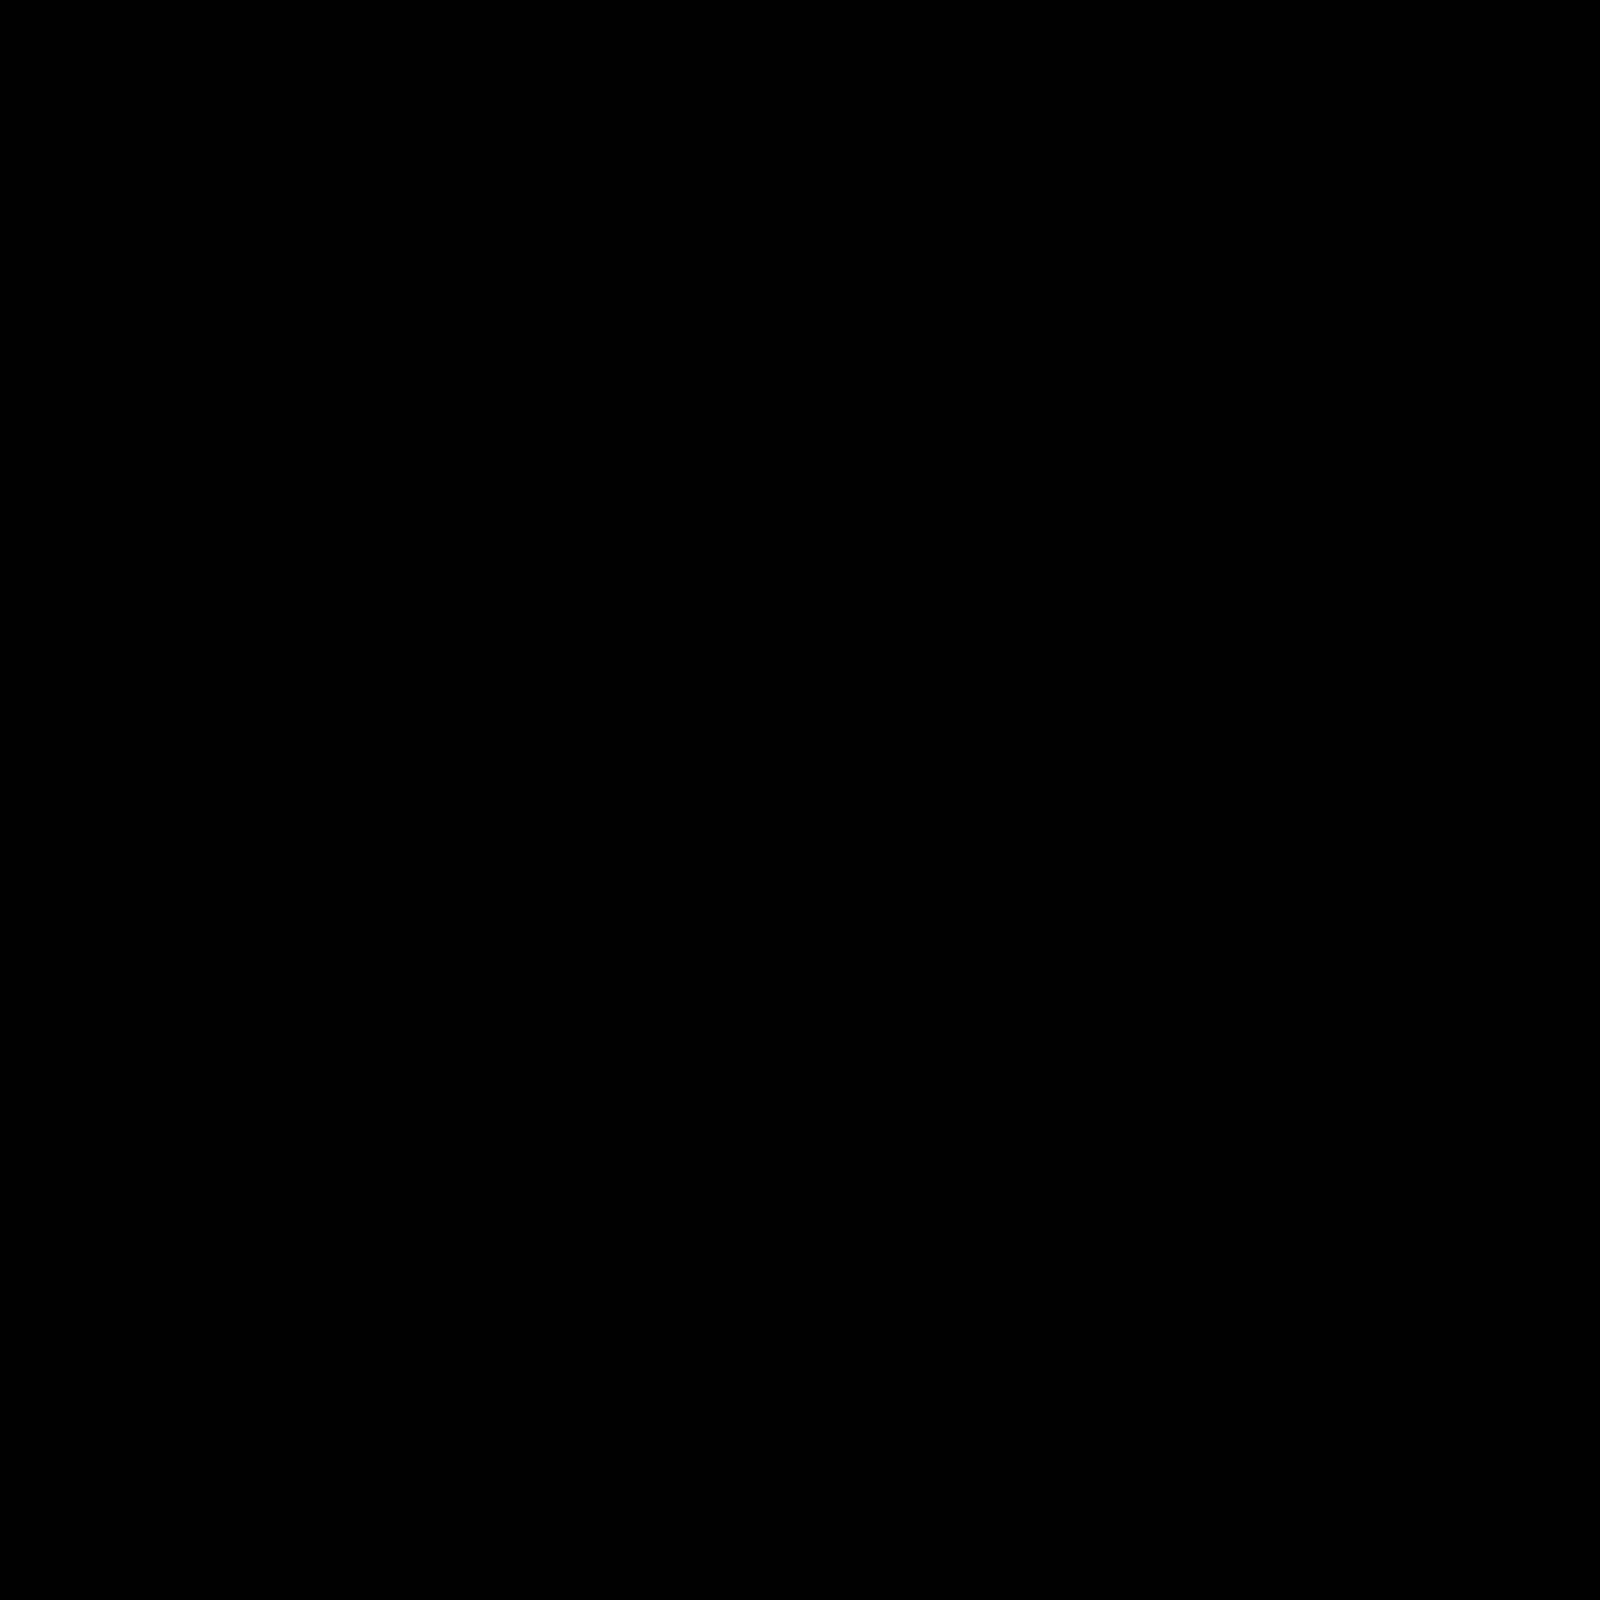 Katakana N icon